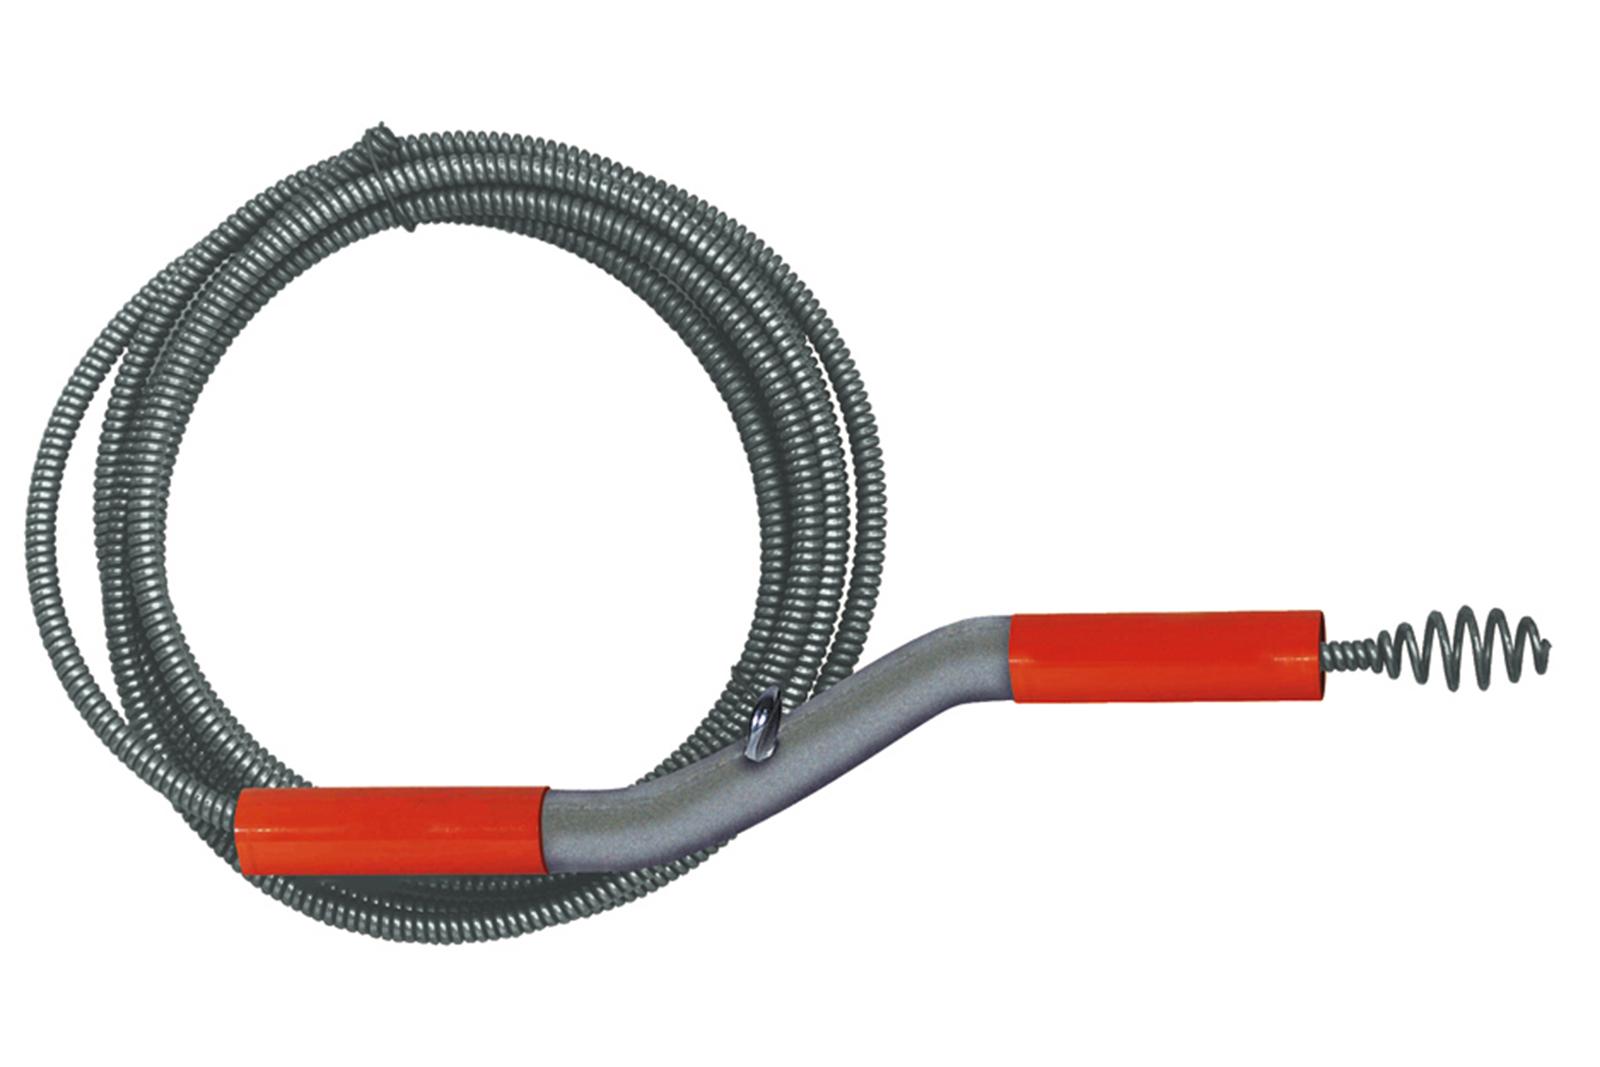 Купить Трос для прочистки General pipe 25fl1-ddh